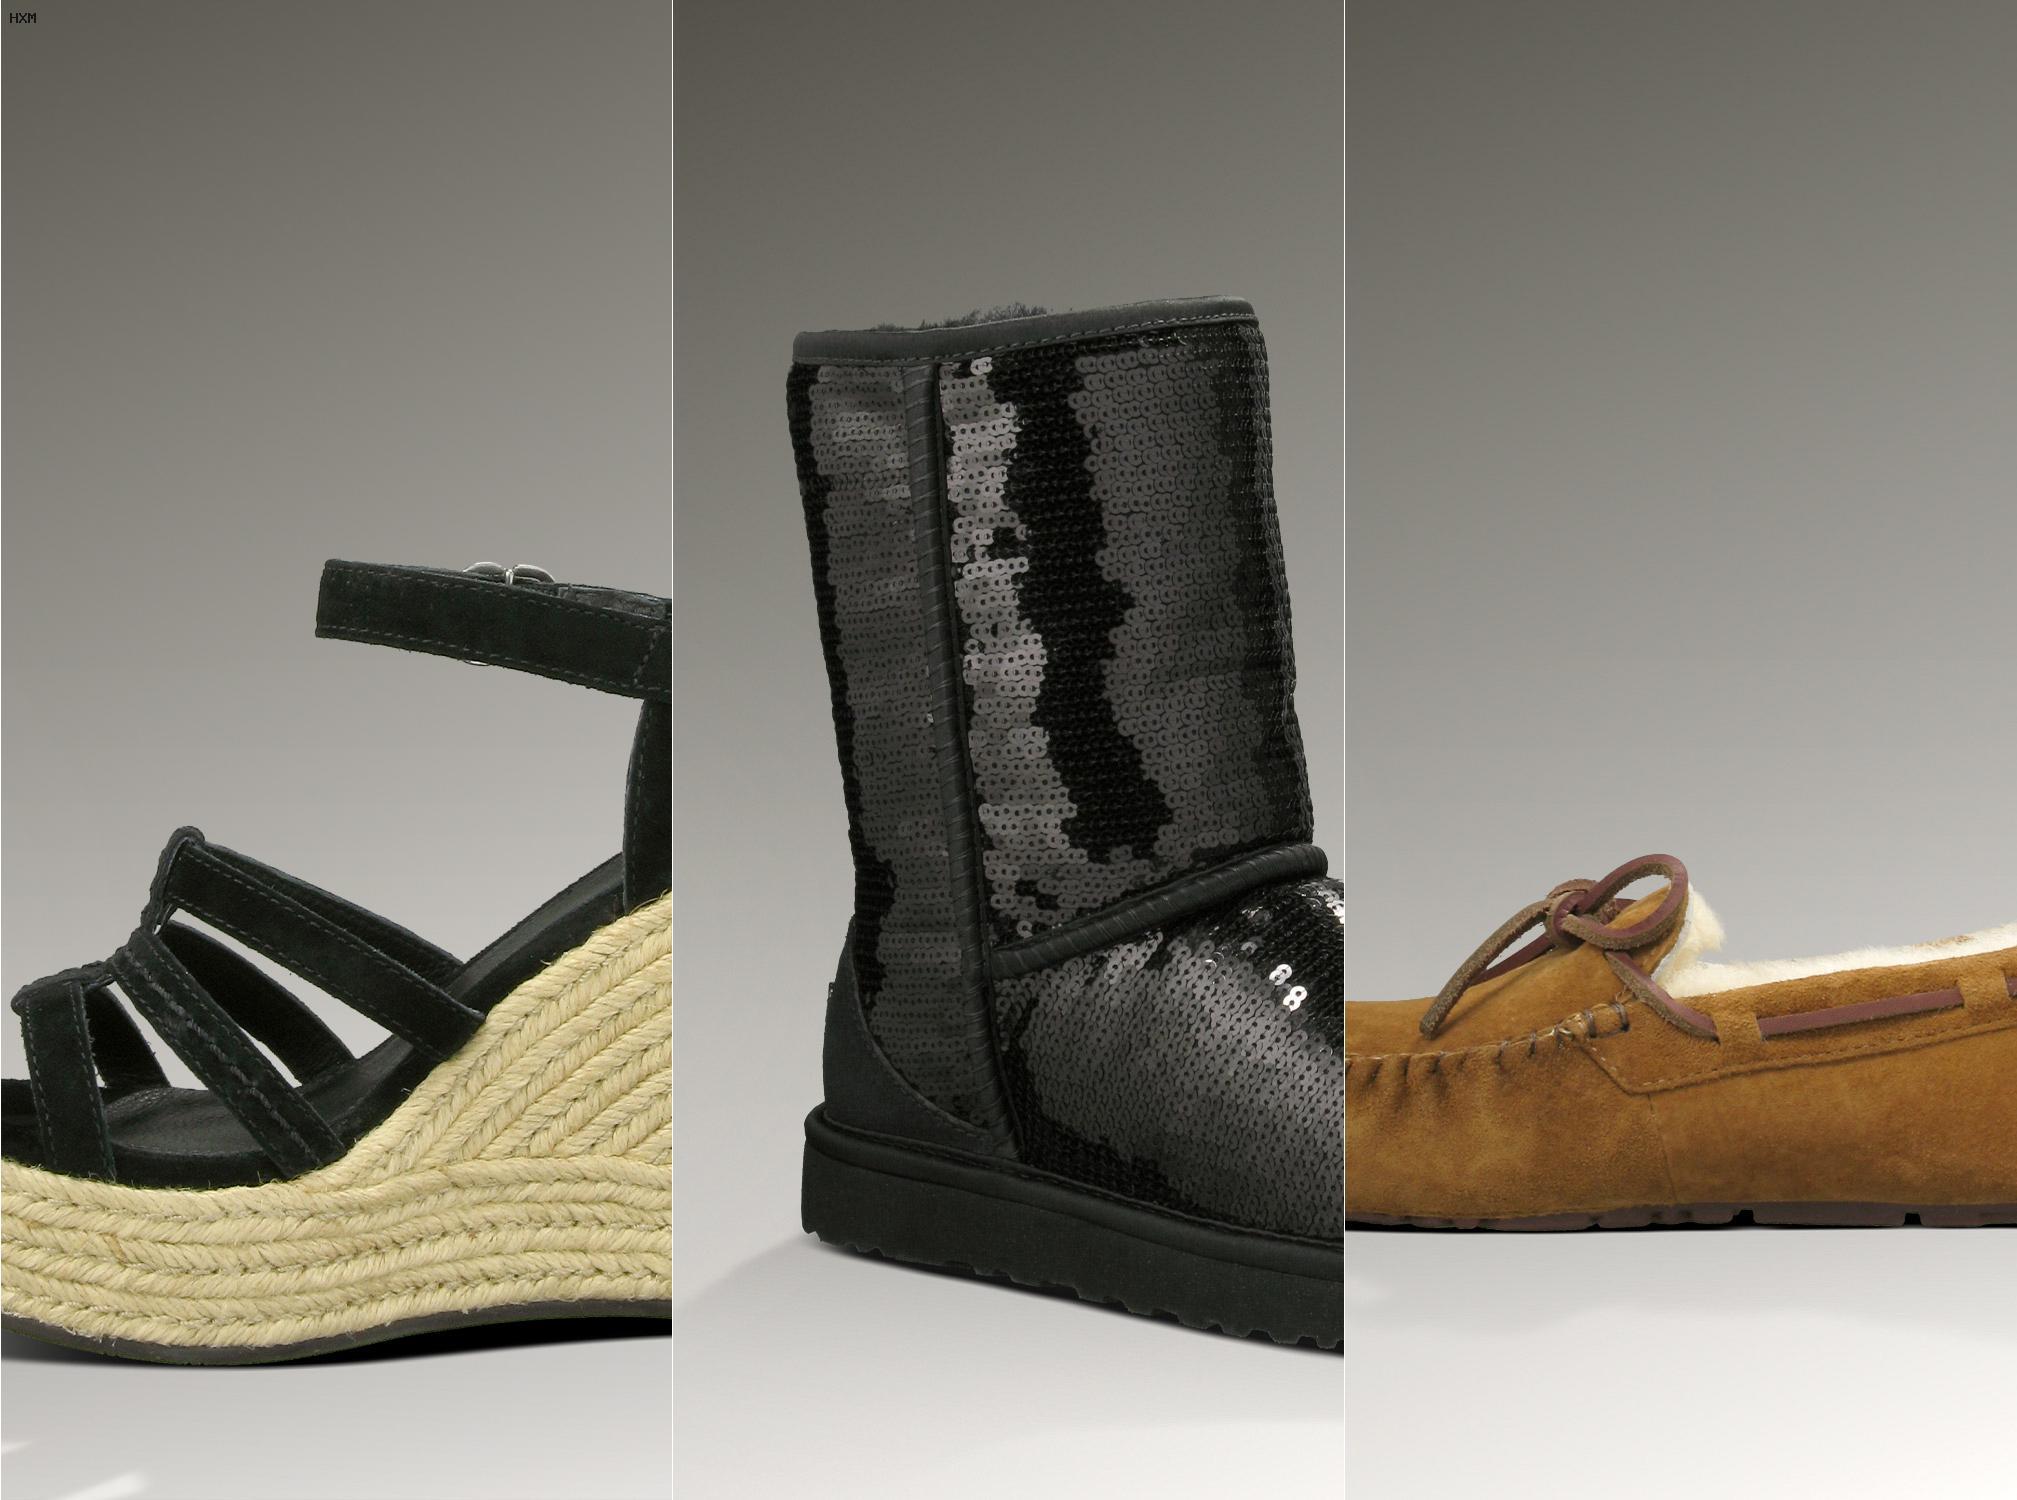 donde venden botas ugg en chile